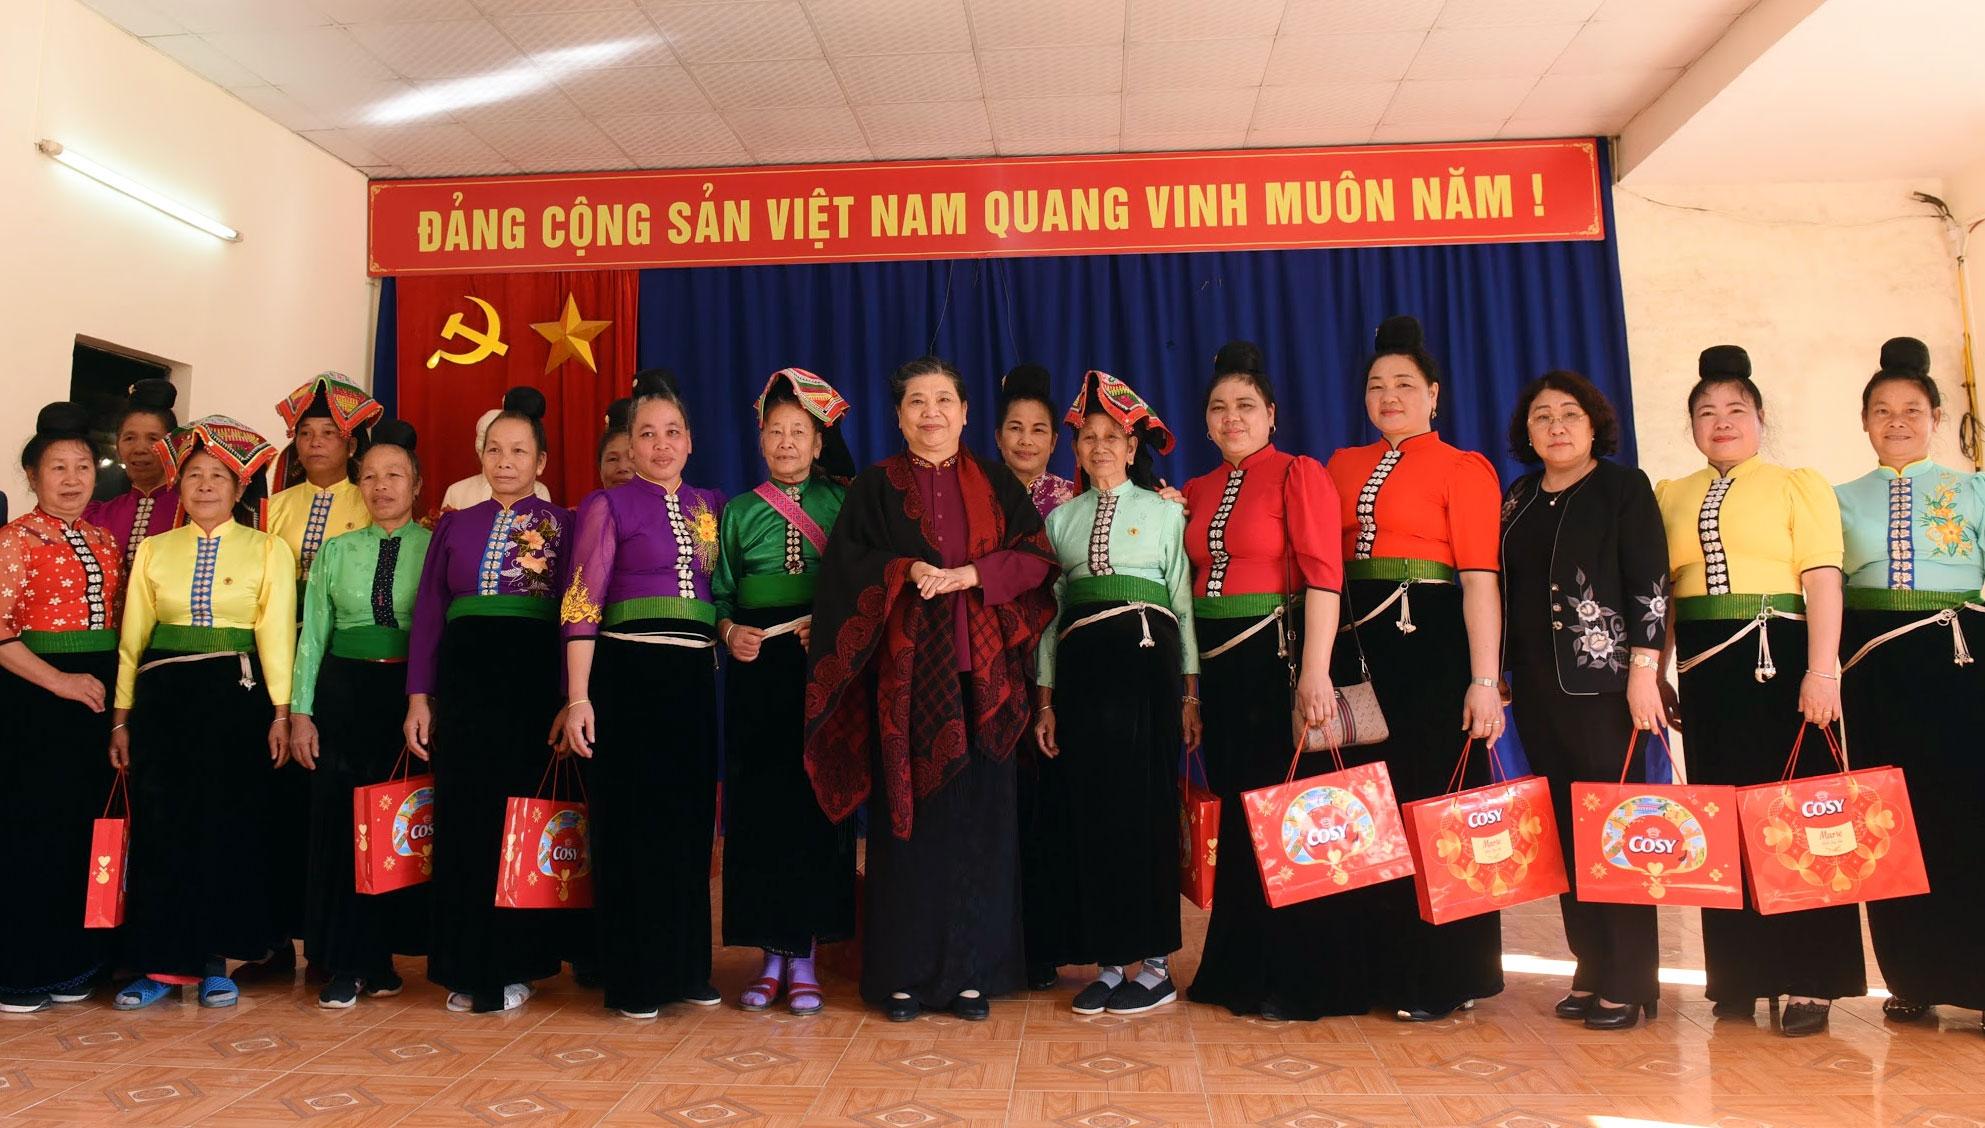 Phó Chủ tịch Thường trực Quốc hội Tòng Thị Phóng tặng quà người dân bản Phứa Cón, phường Chiềng An, Thành phố Sơn La